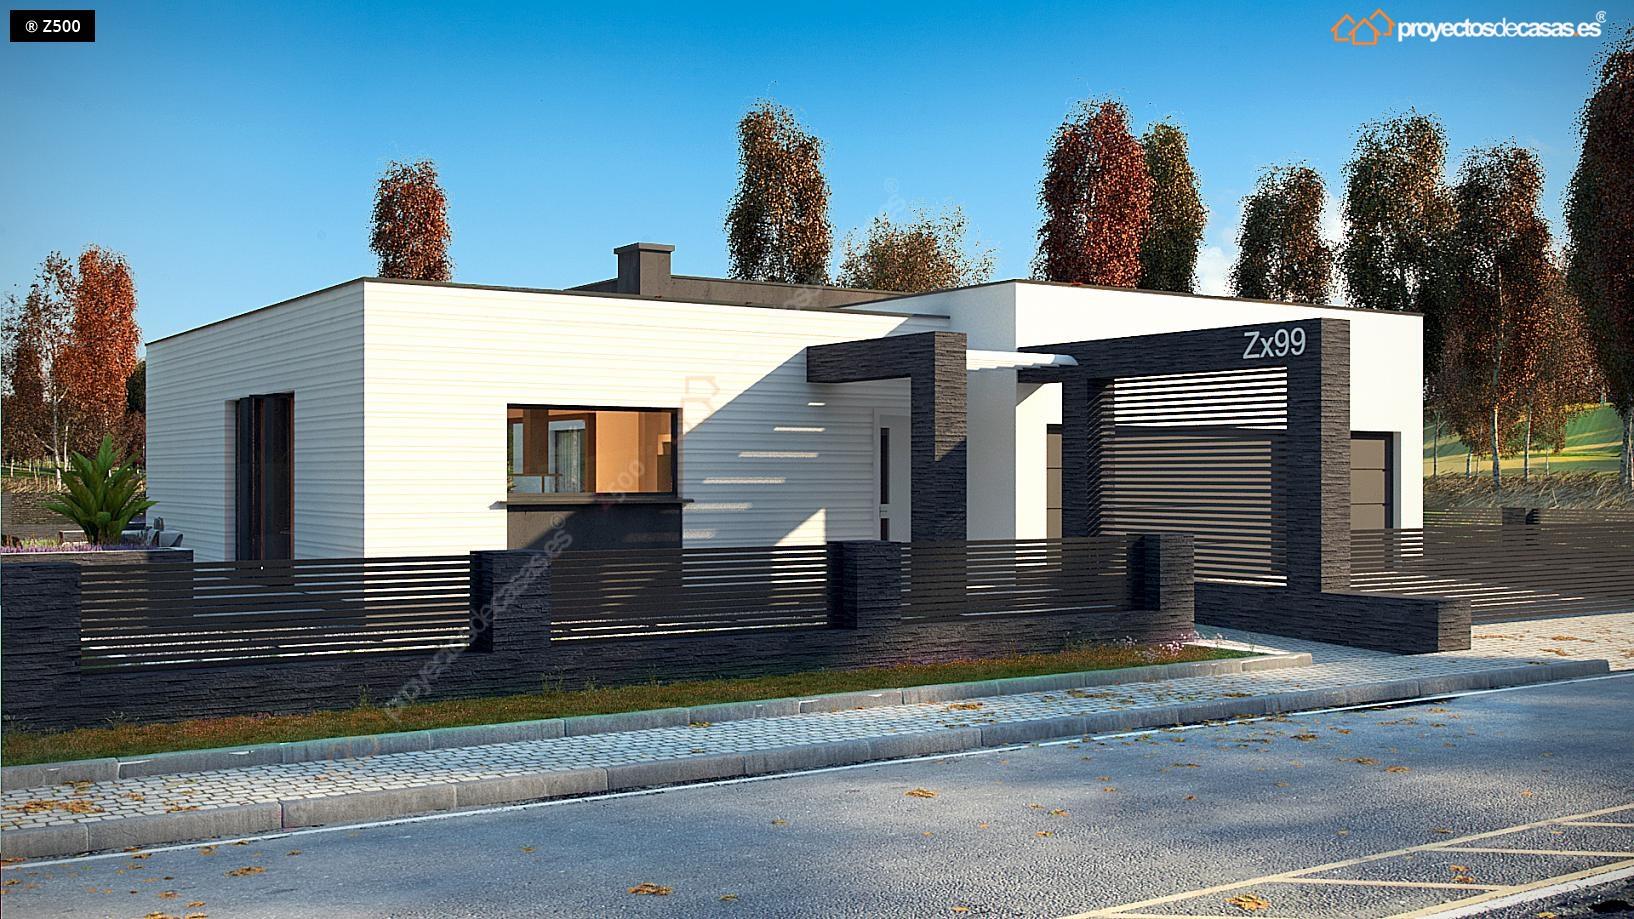 Proyectos de casas casa moderna de 1 planta con piscina for La terraza de la casa barranquilla telefono